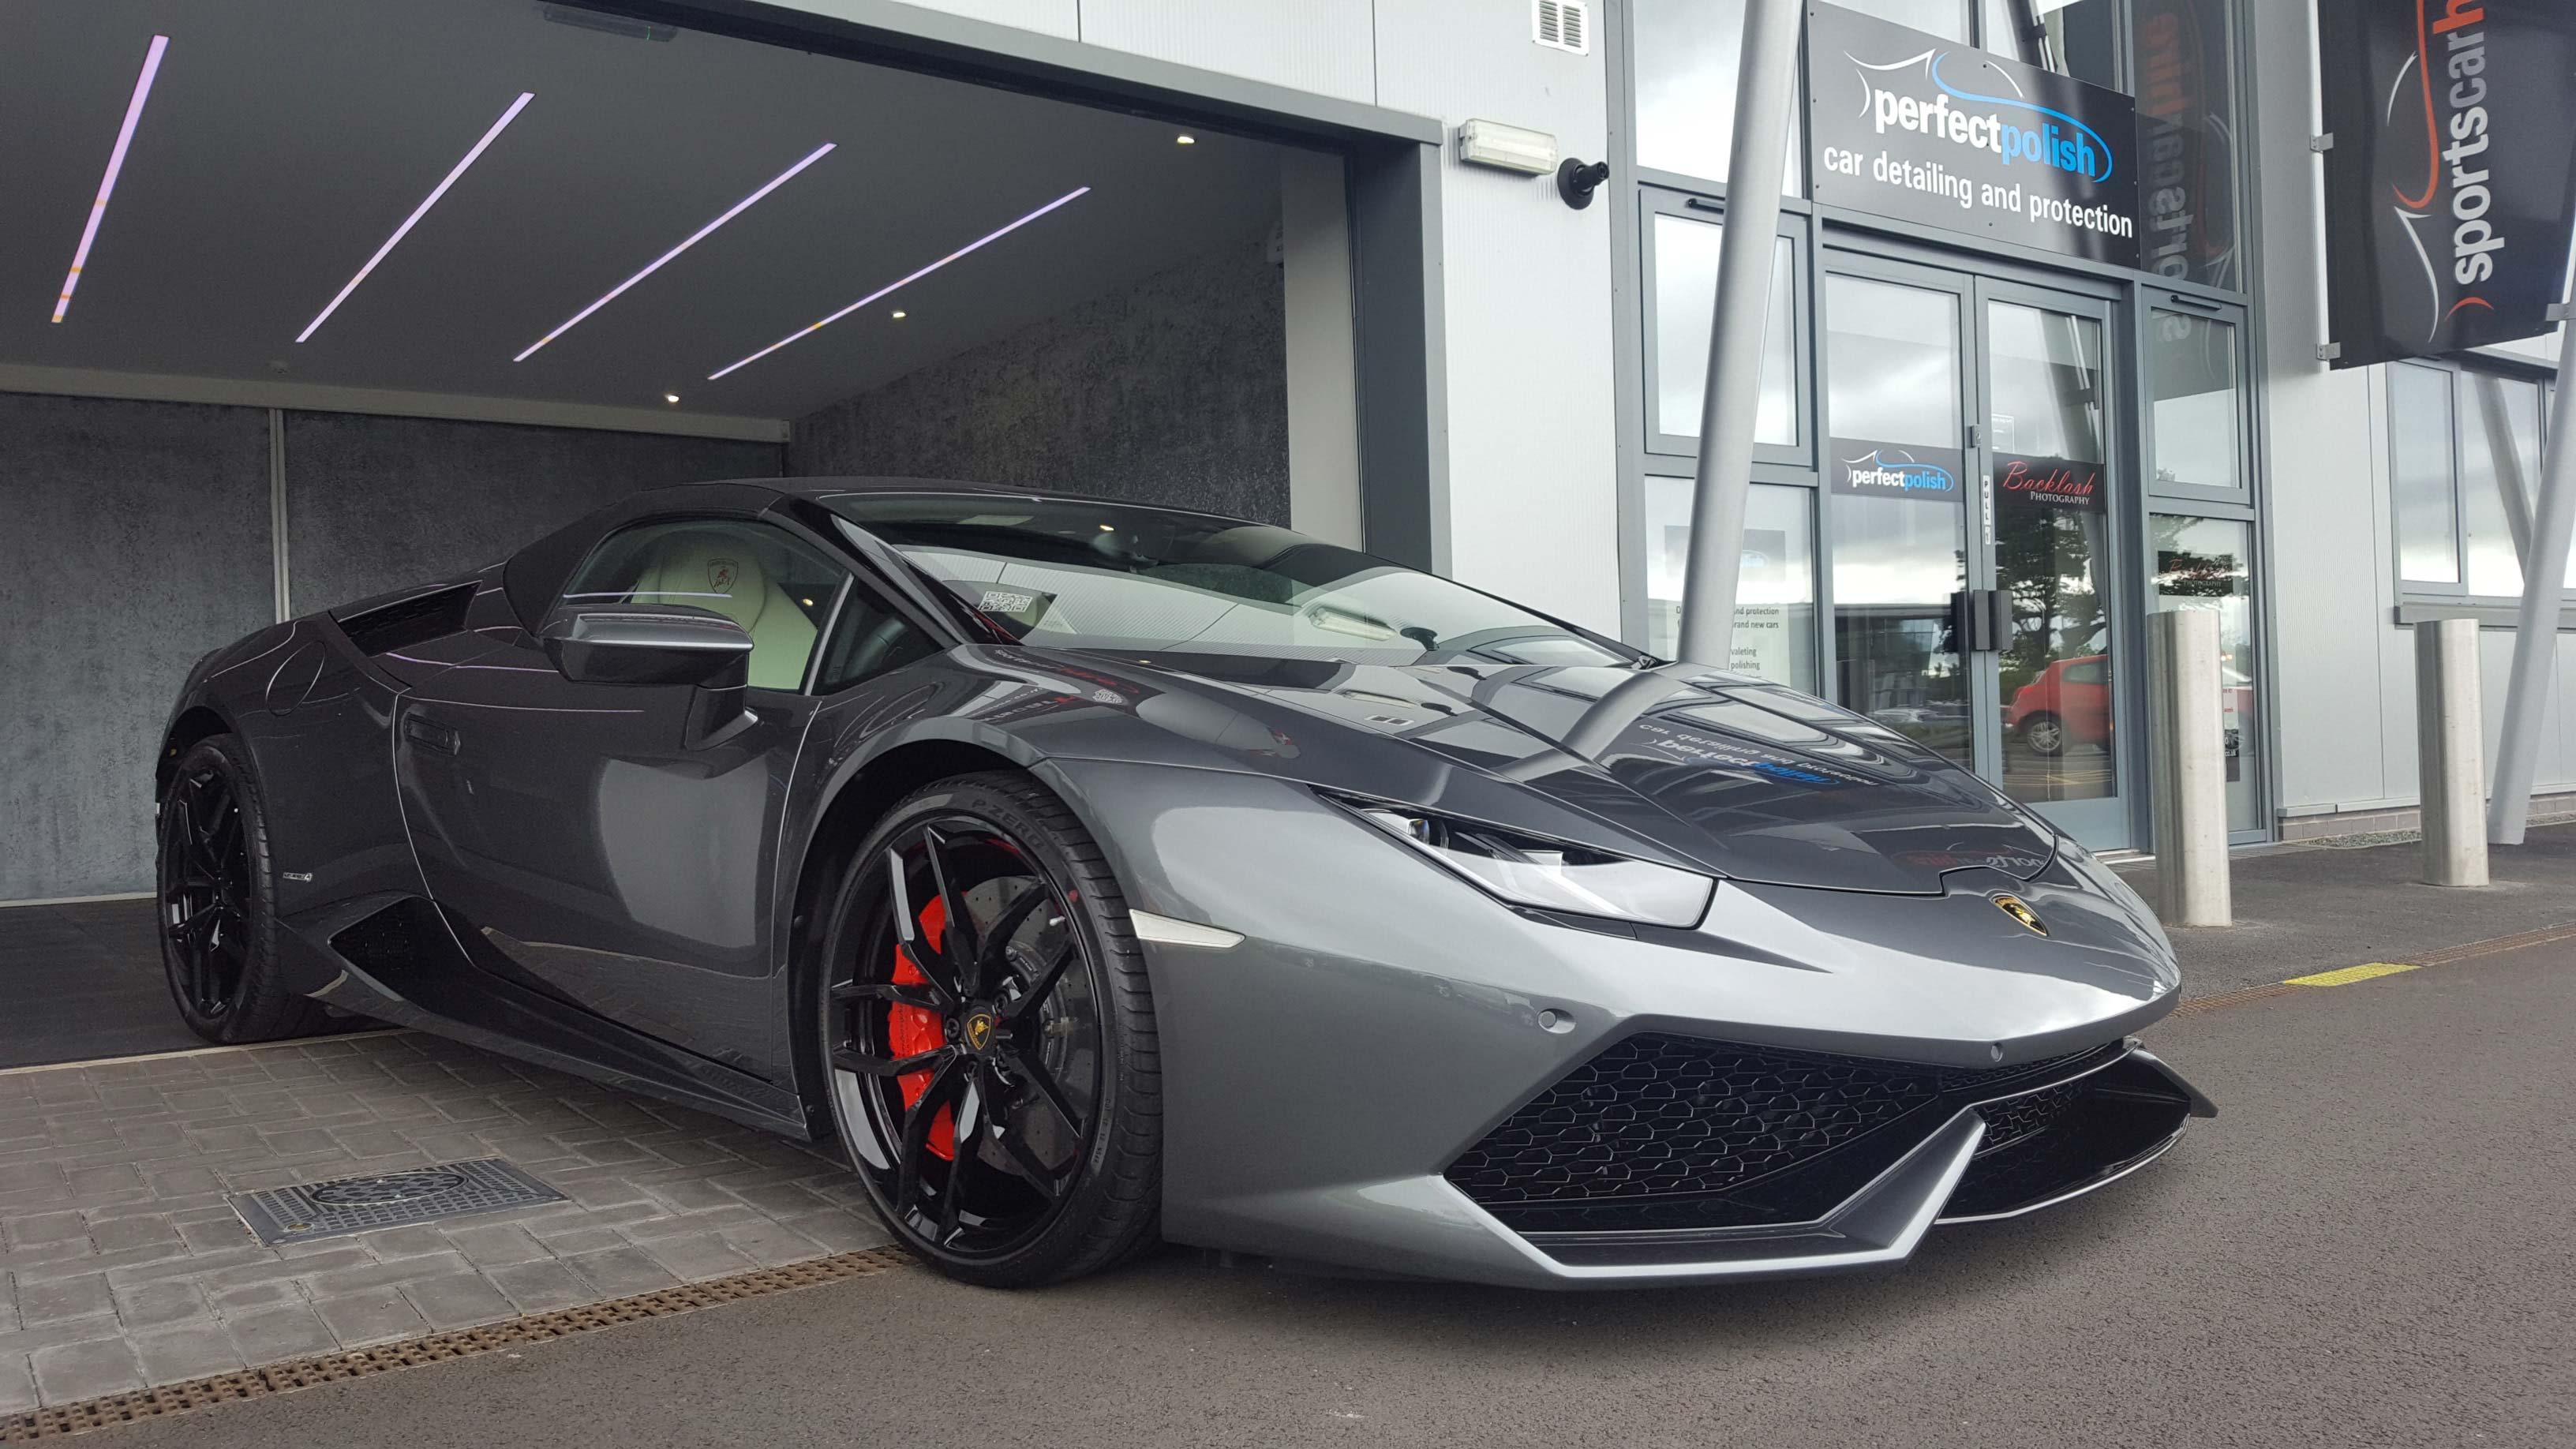 Lamborghini car detailing in Midlands - Perfect Polish